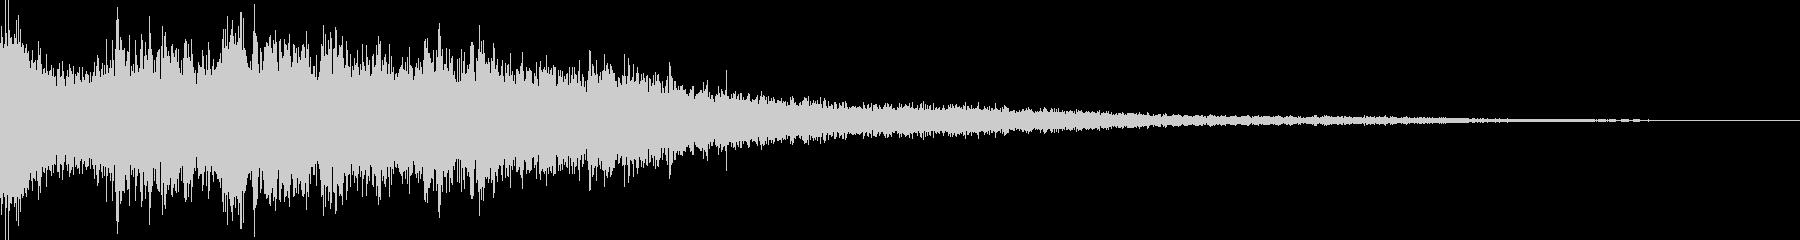 【ゲーム】 SFX_10 ヒットの未再生の波形